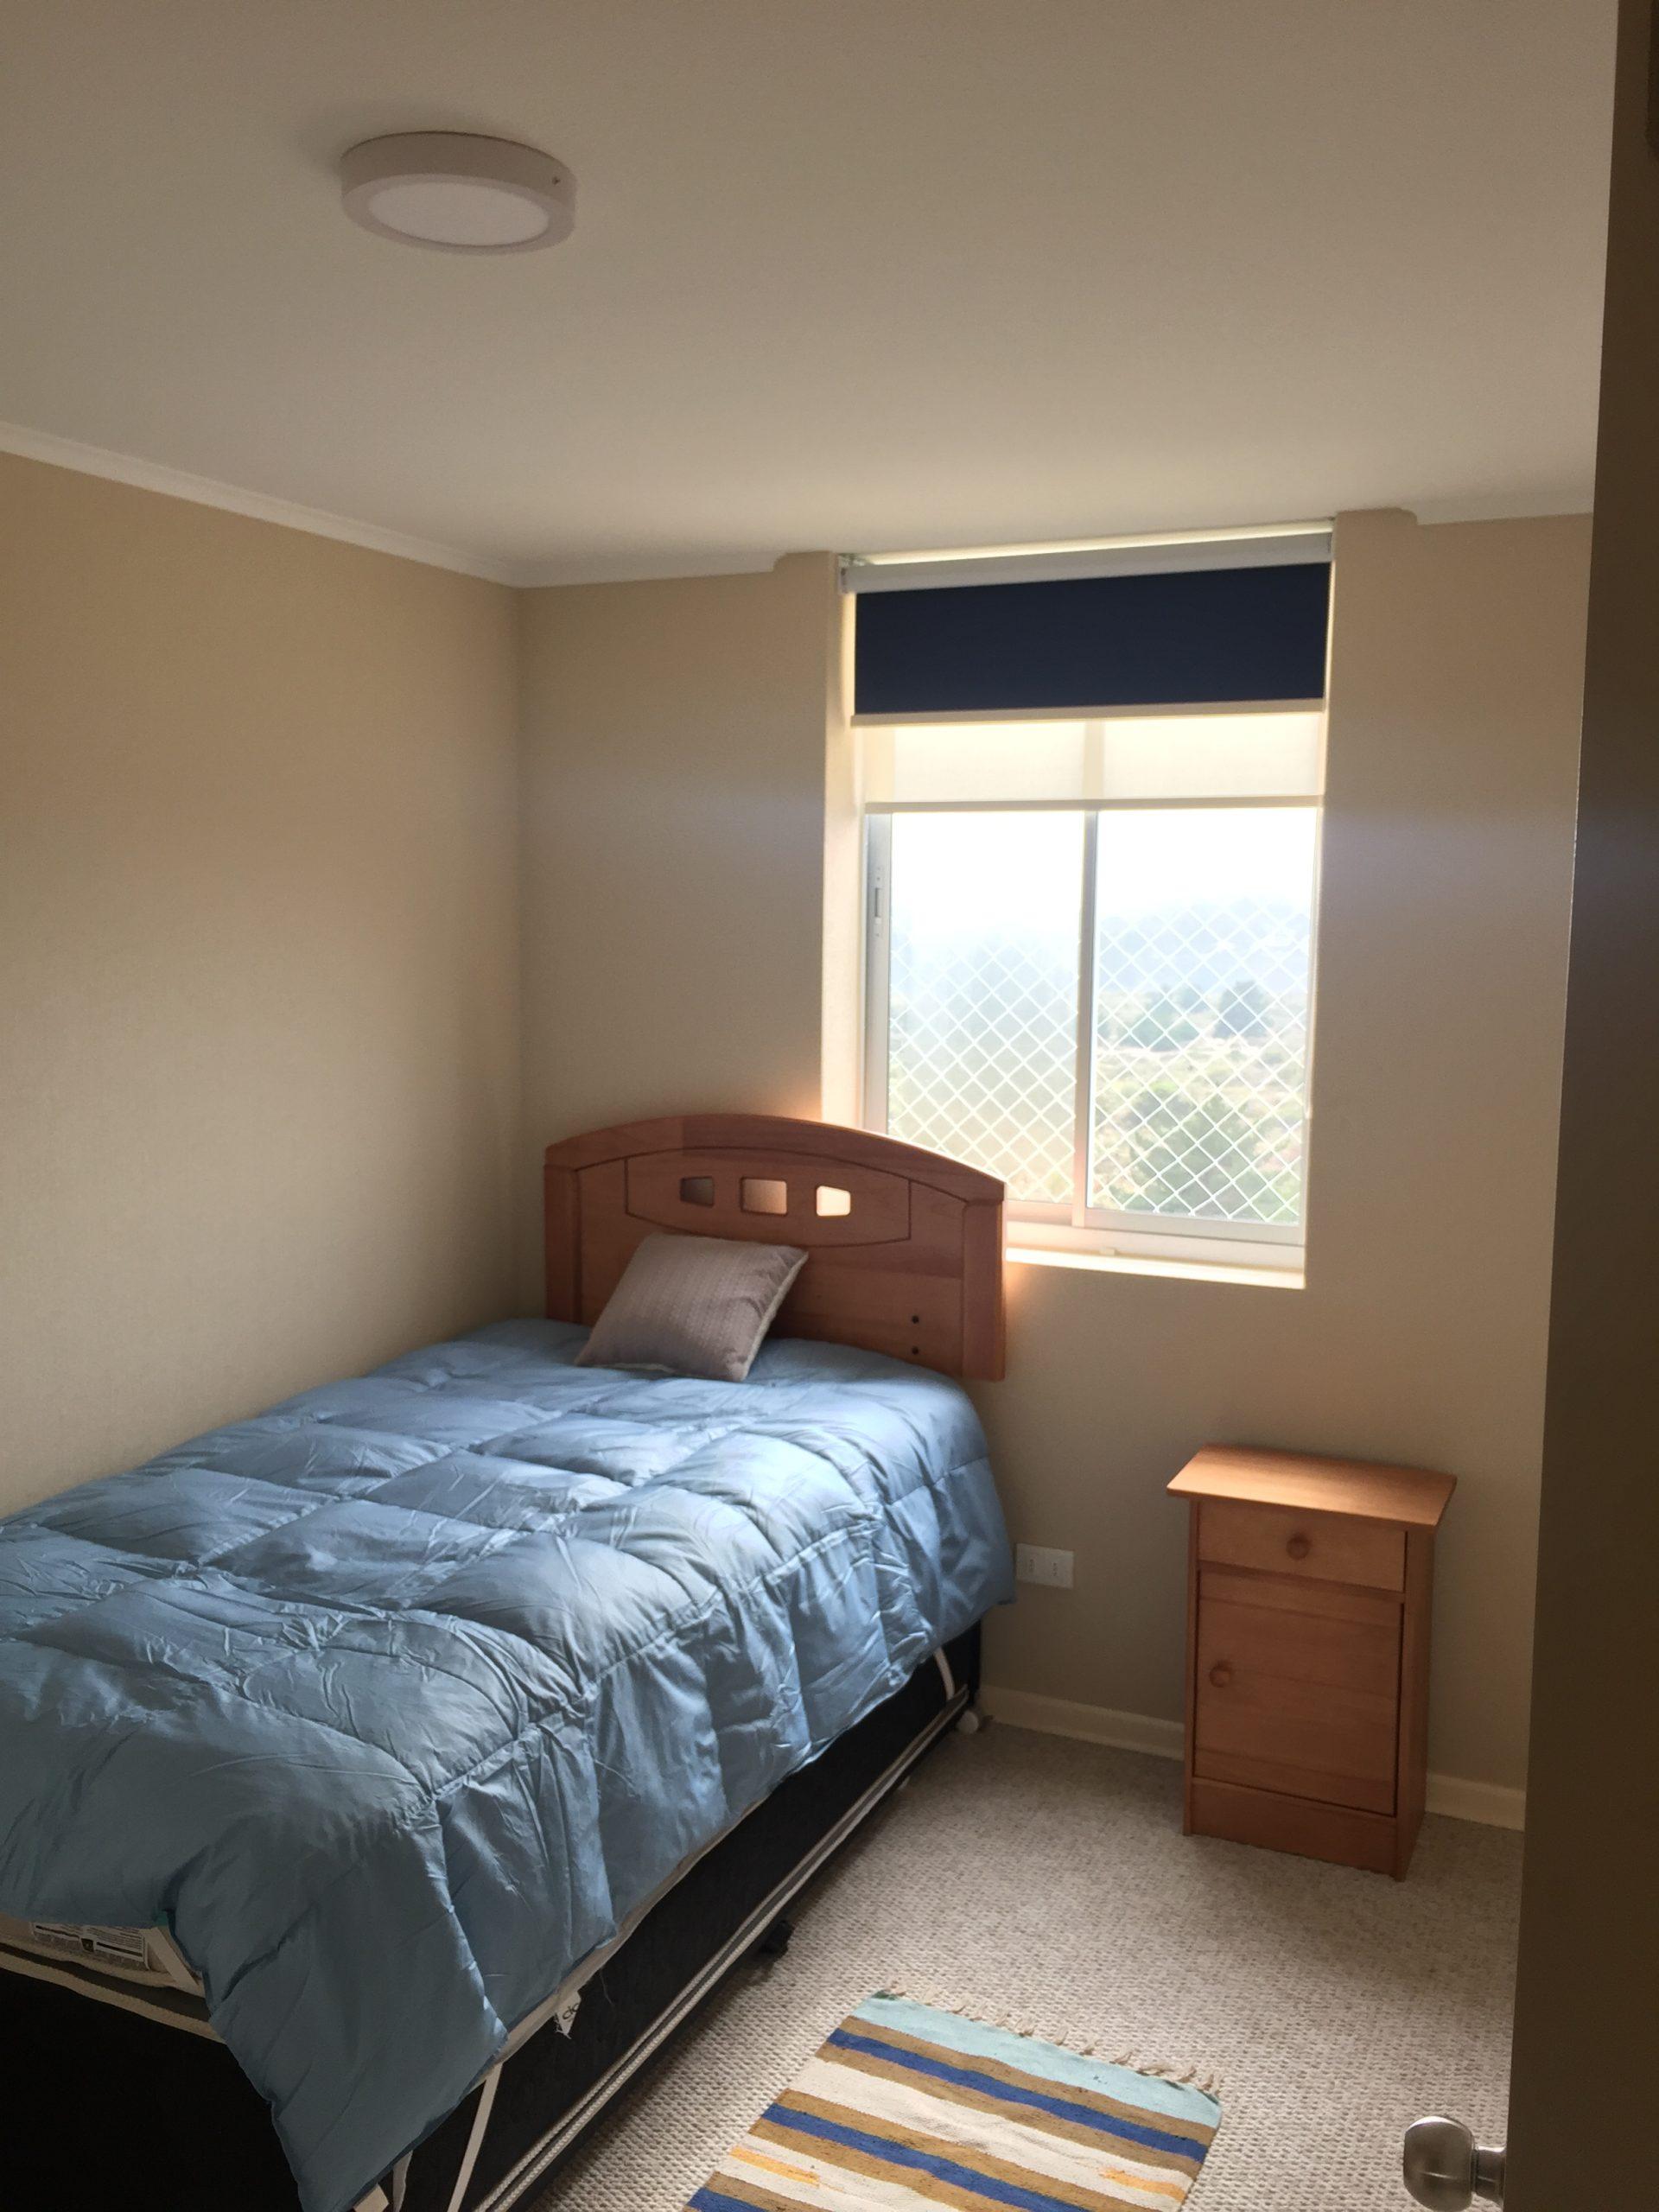 Departamento en venta Algarrobo - habitación 1